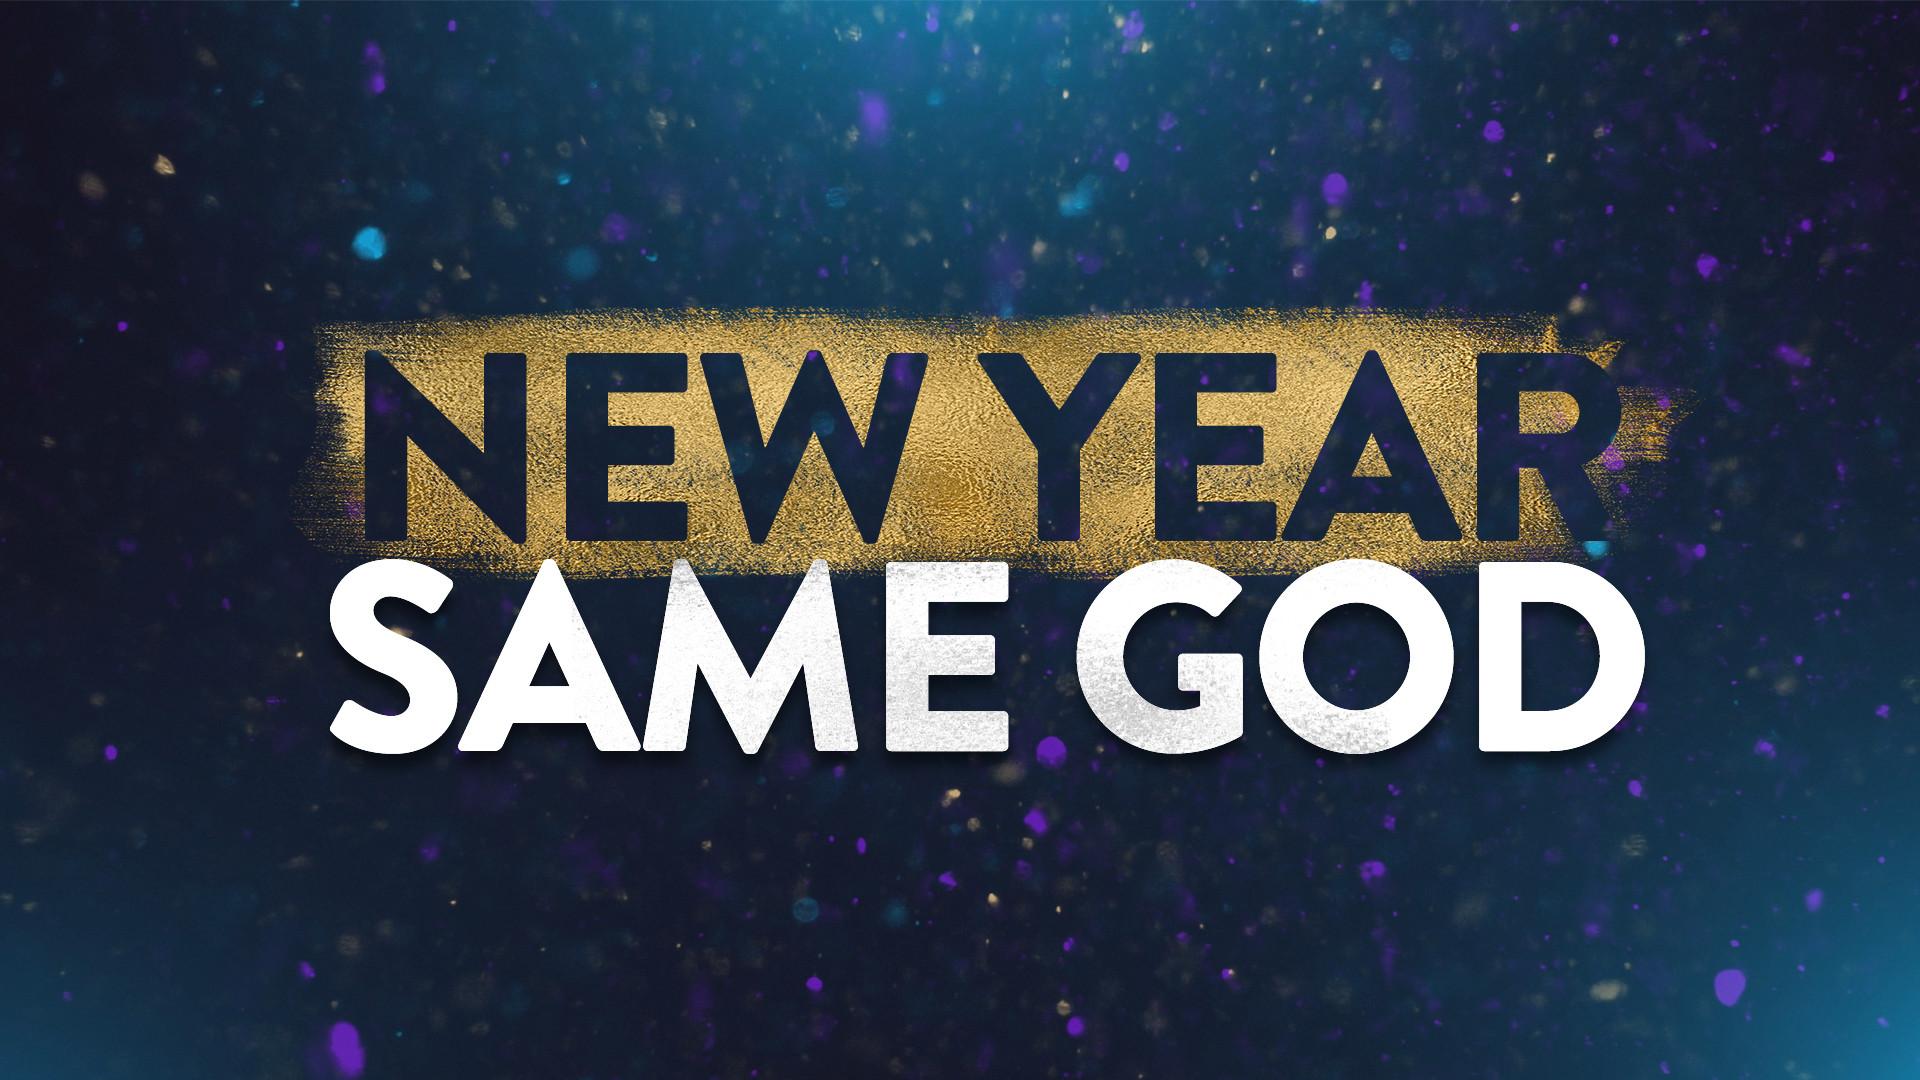 same_god_new_year-screen.jpg